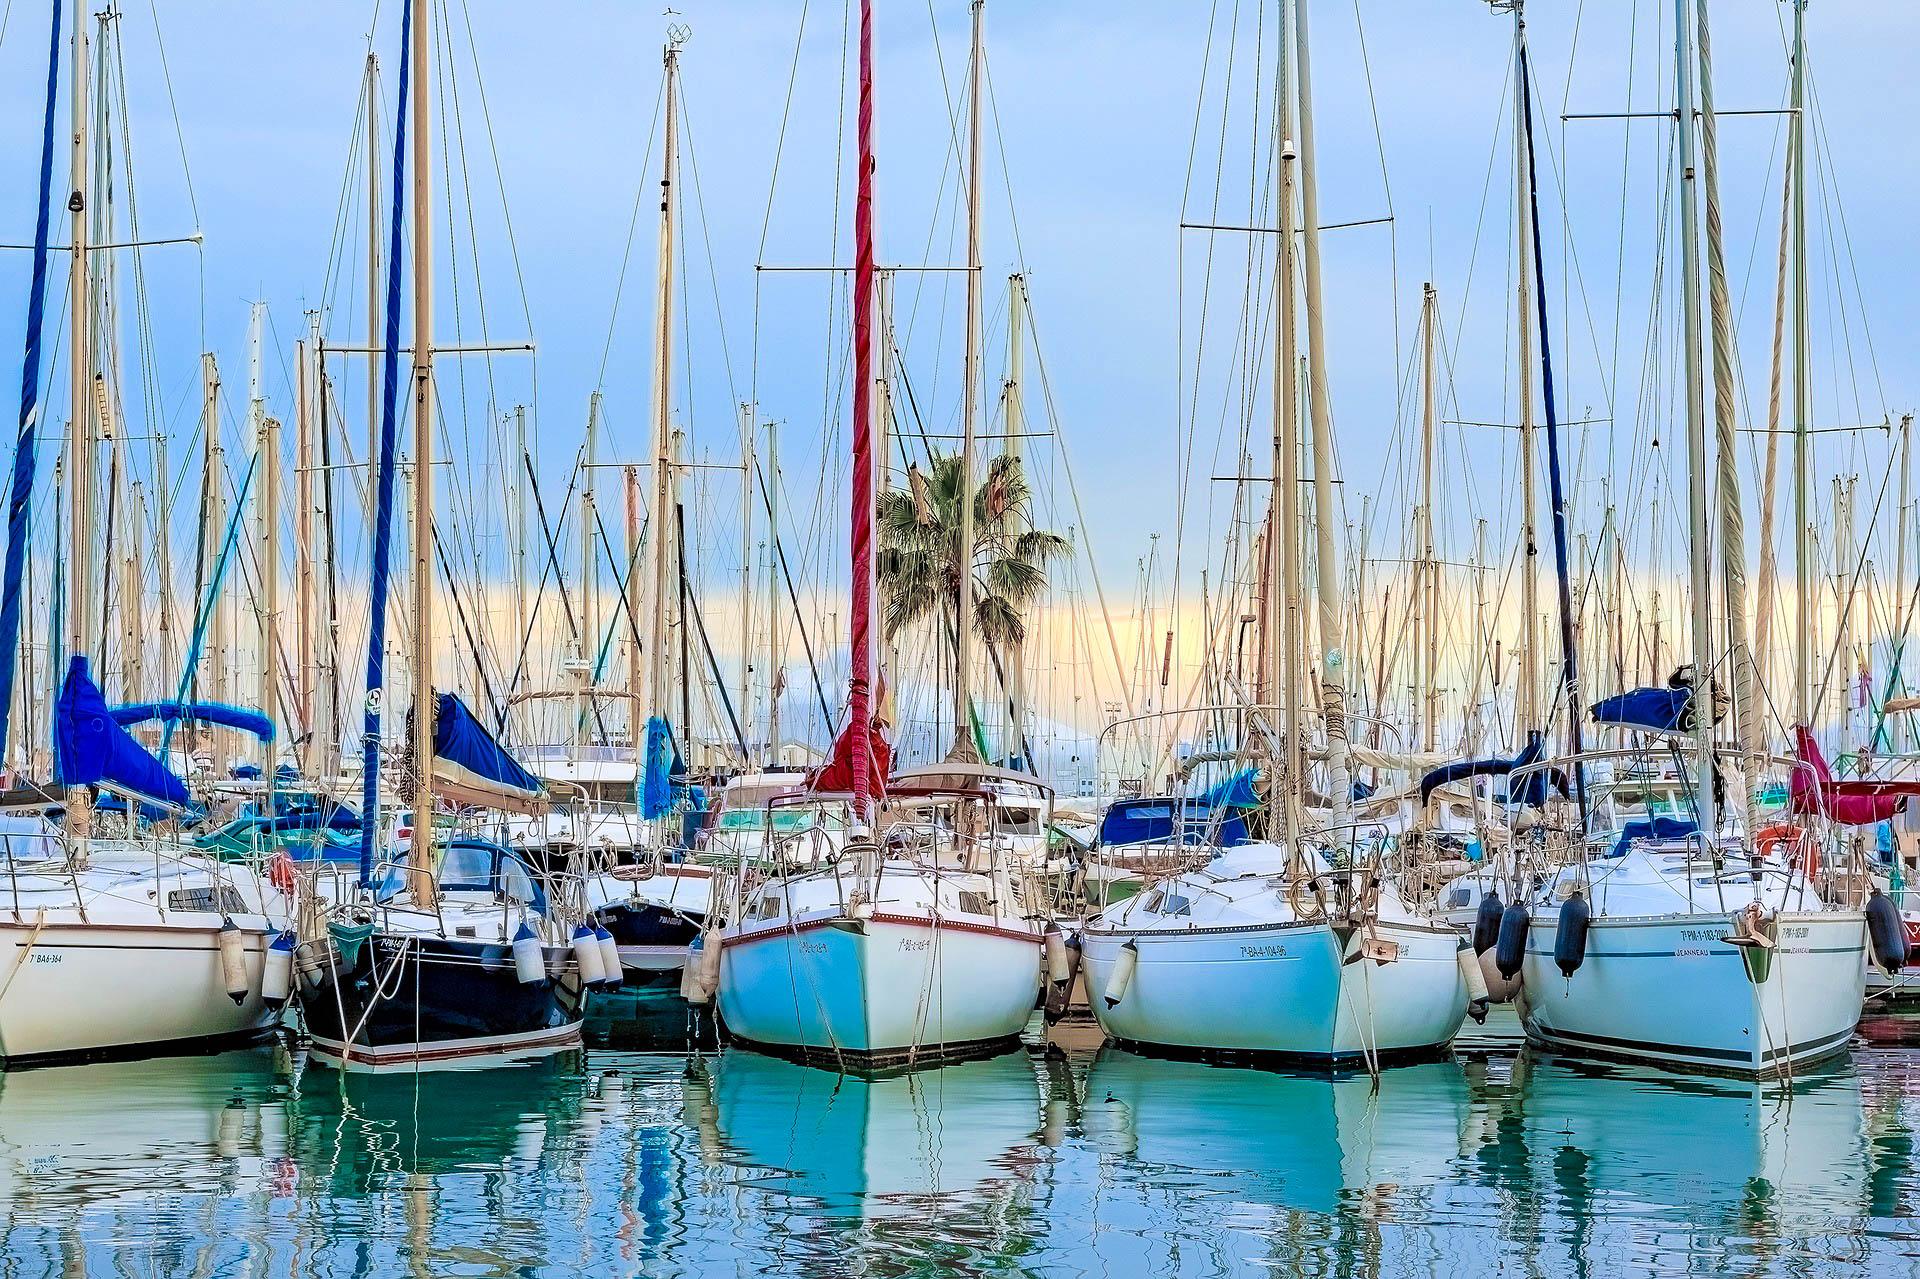 Іспанія Майорка яхти